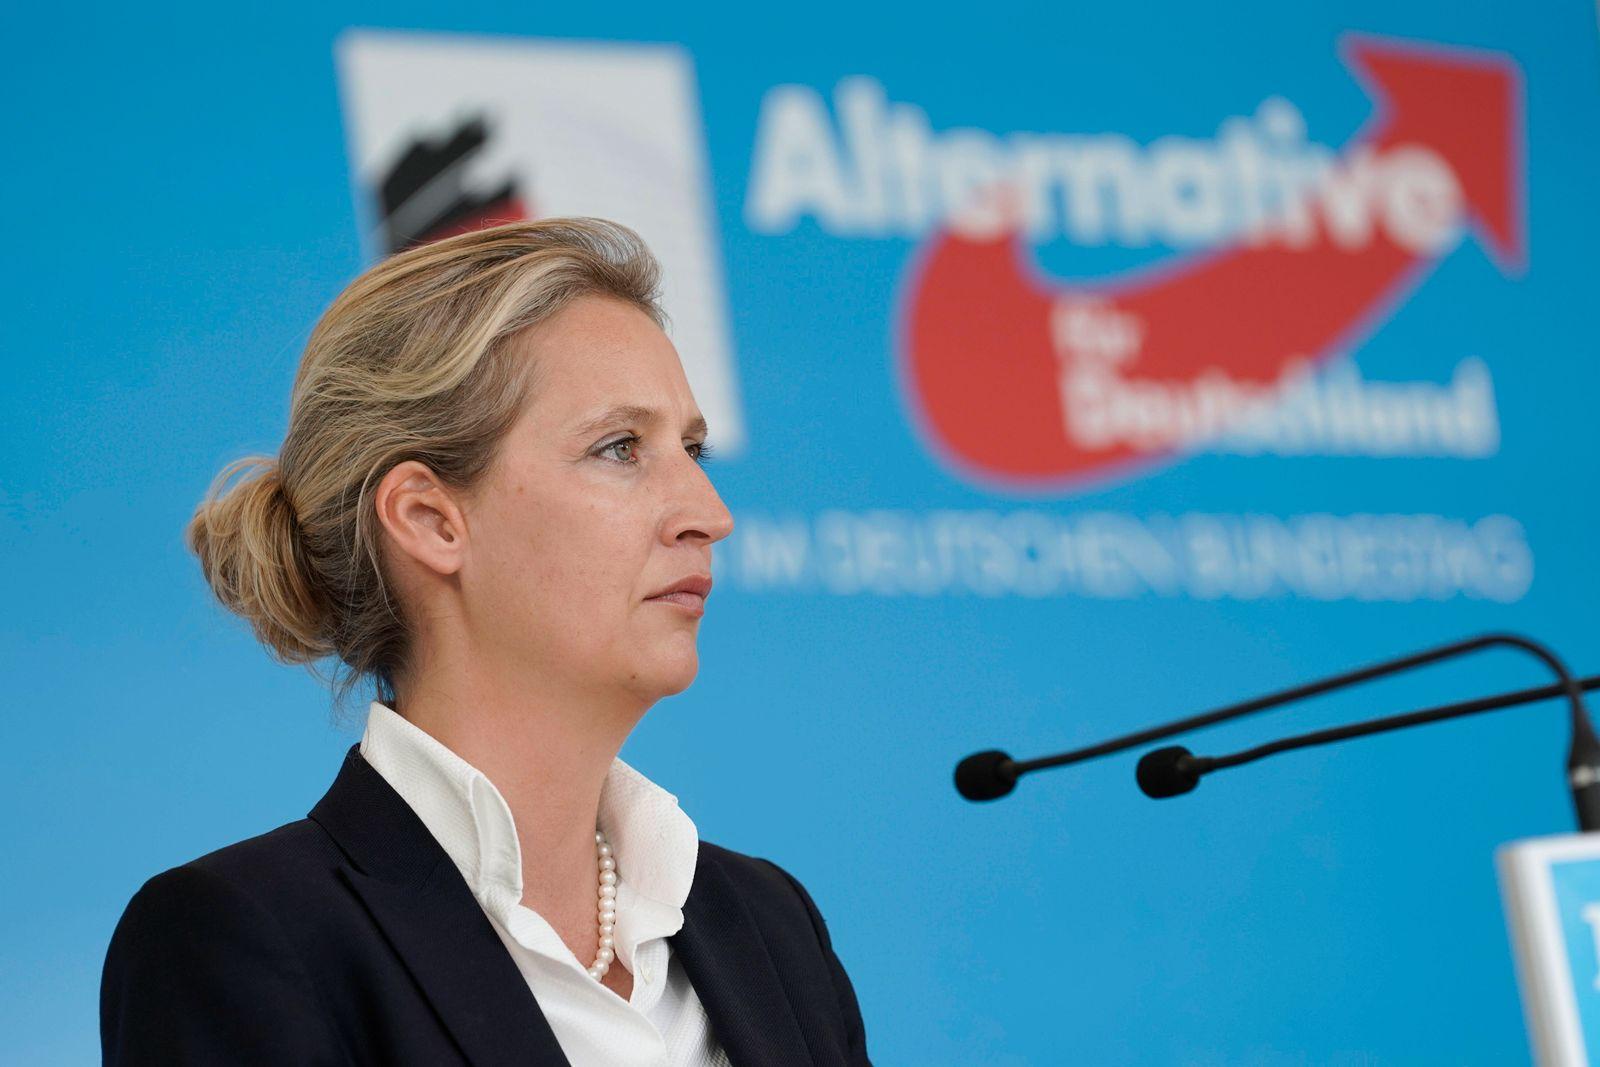 Statement der AfD Fraktion vor der Fraktionssitzung Aktuell, 22.06.2021, Berlin, Dr. Alice Weidel bei ihrem Statement i